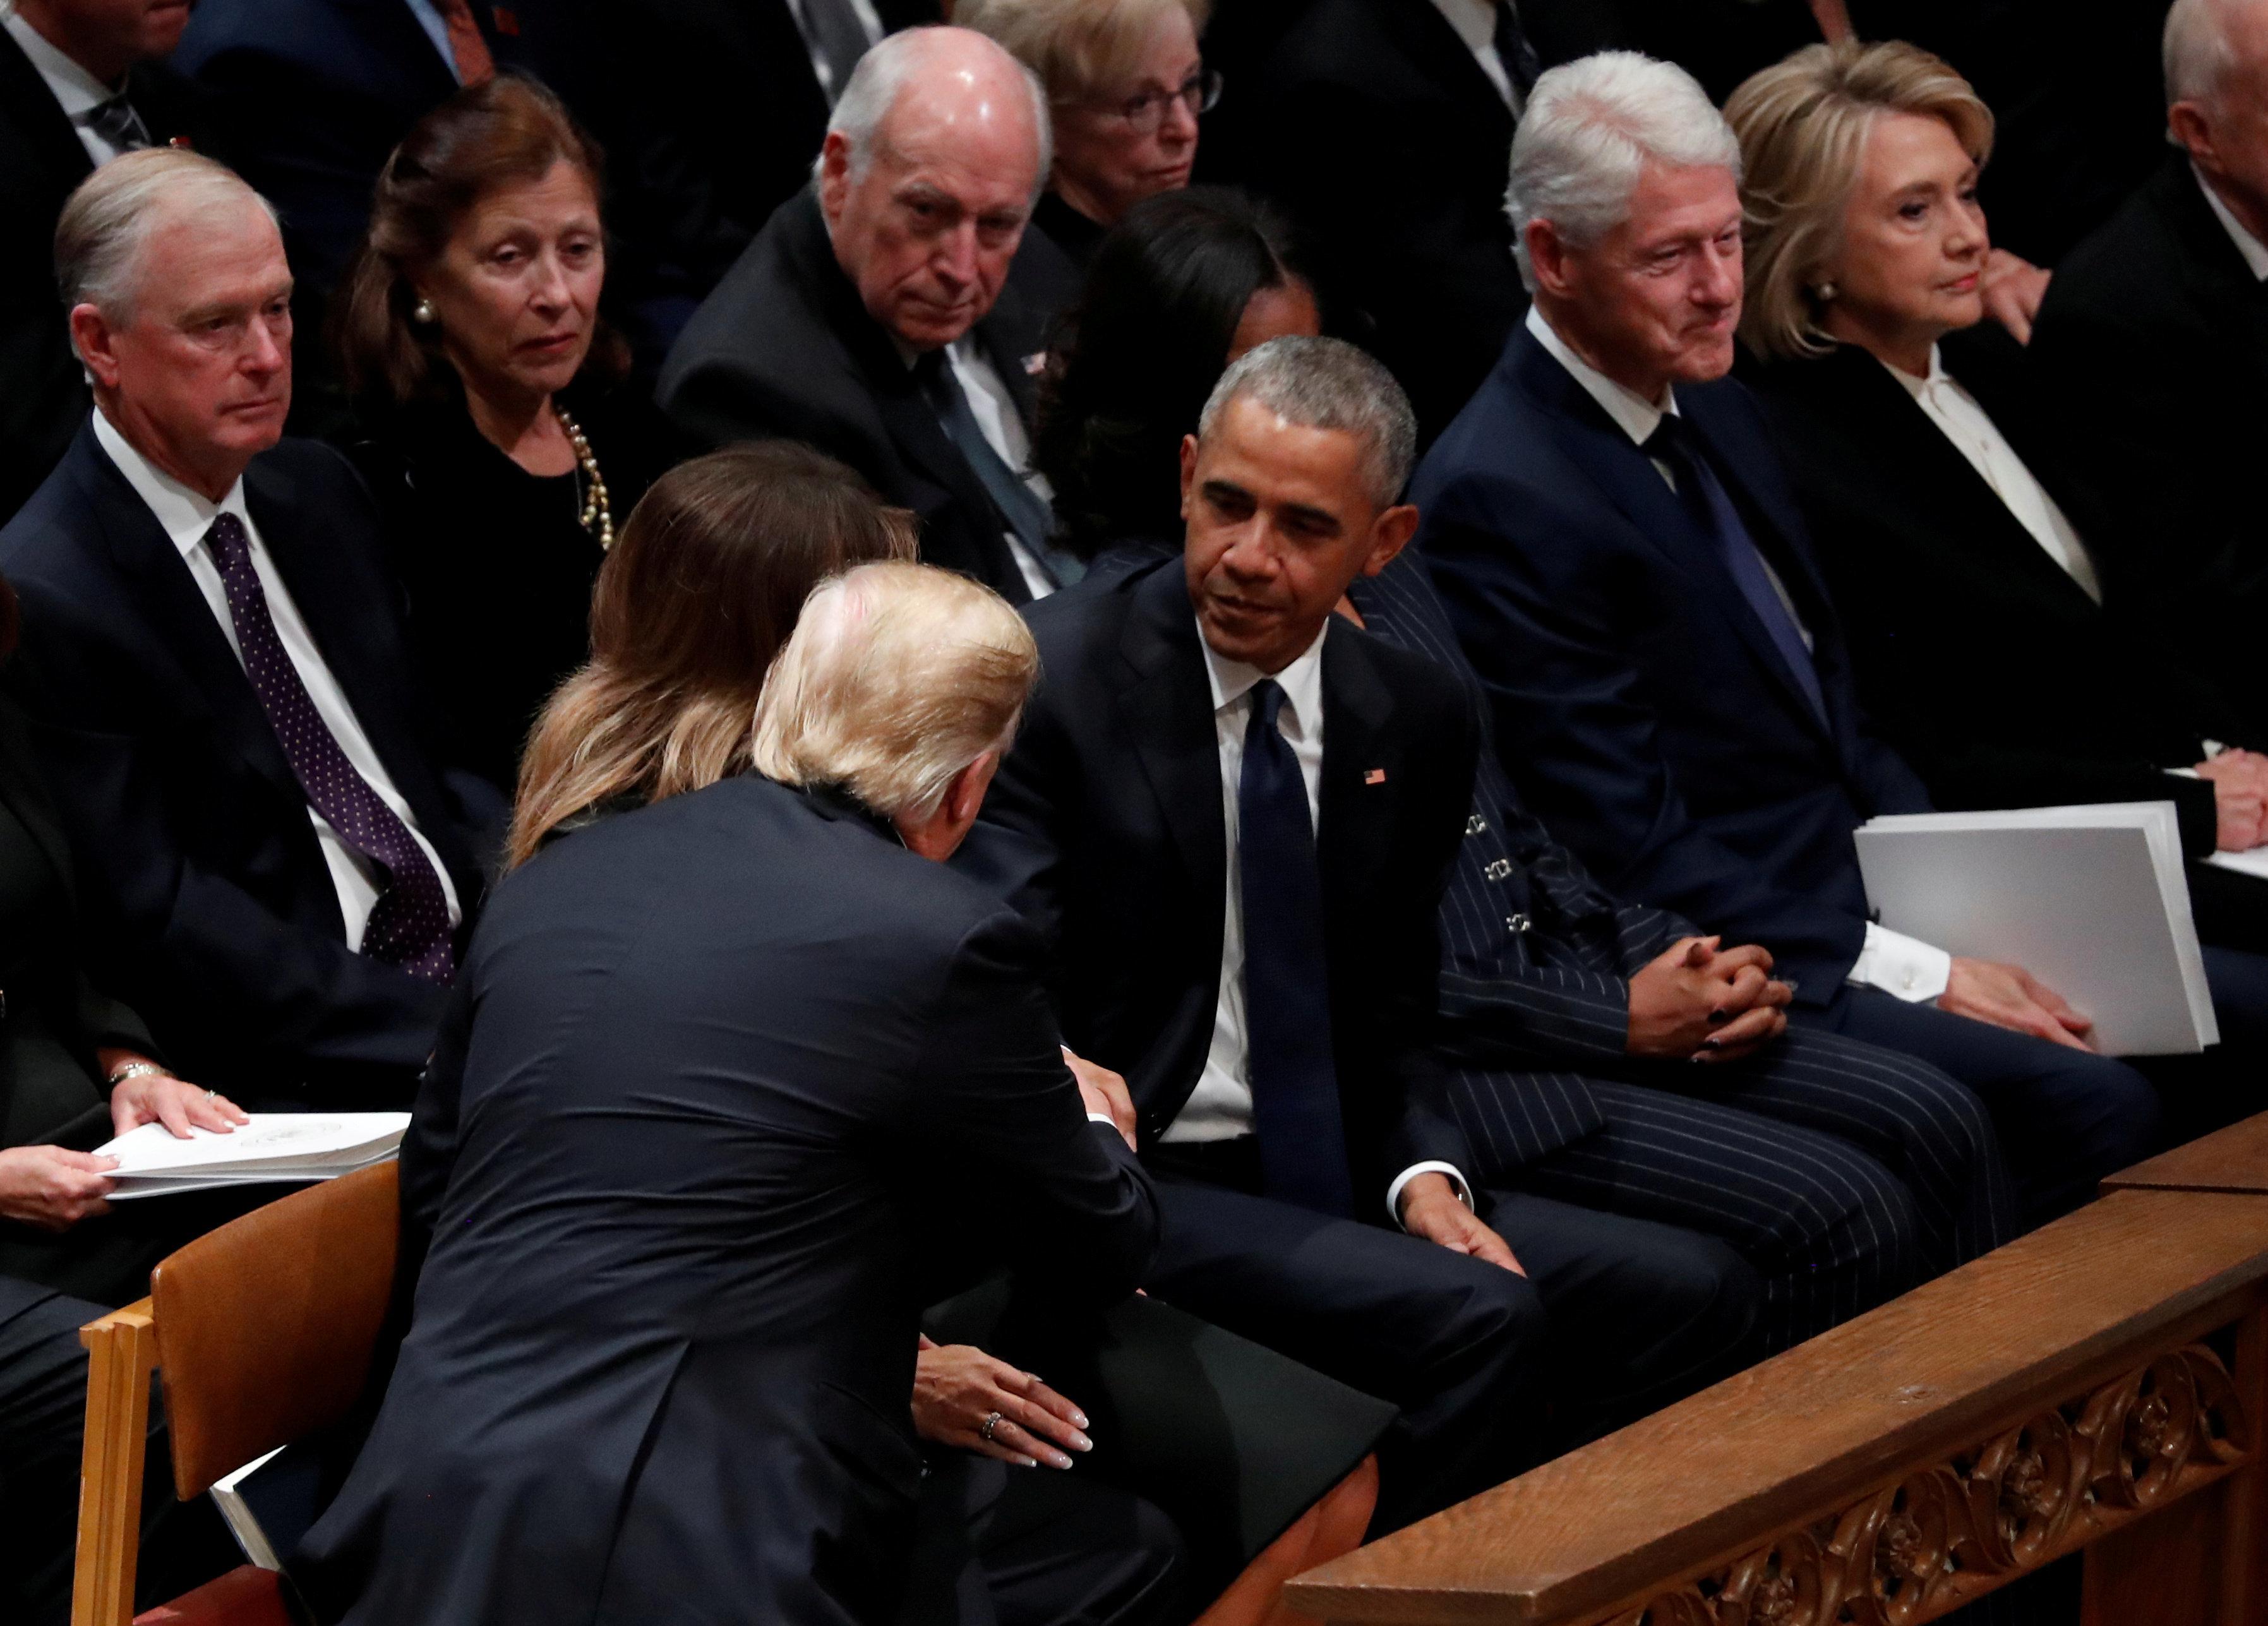 [화보] 부시 장례식 : 모처럼 만난 트럼프와 오바마가 악수를